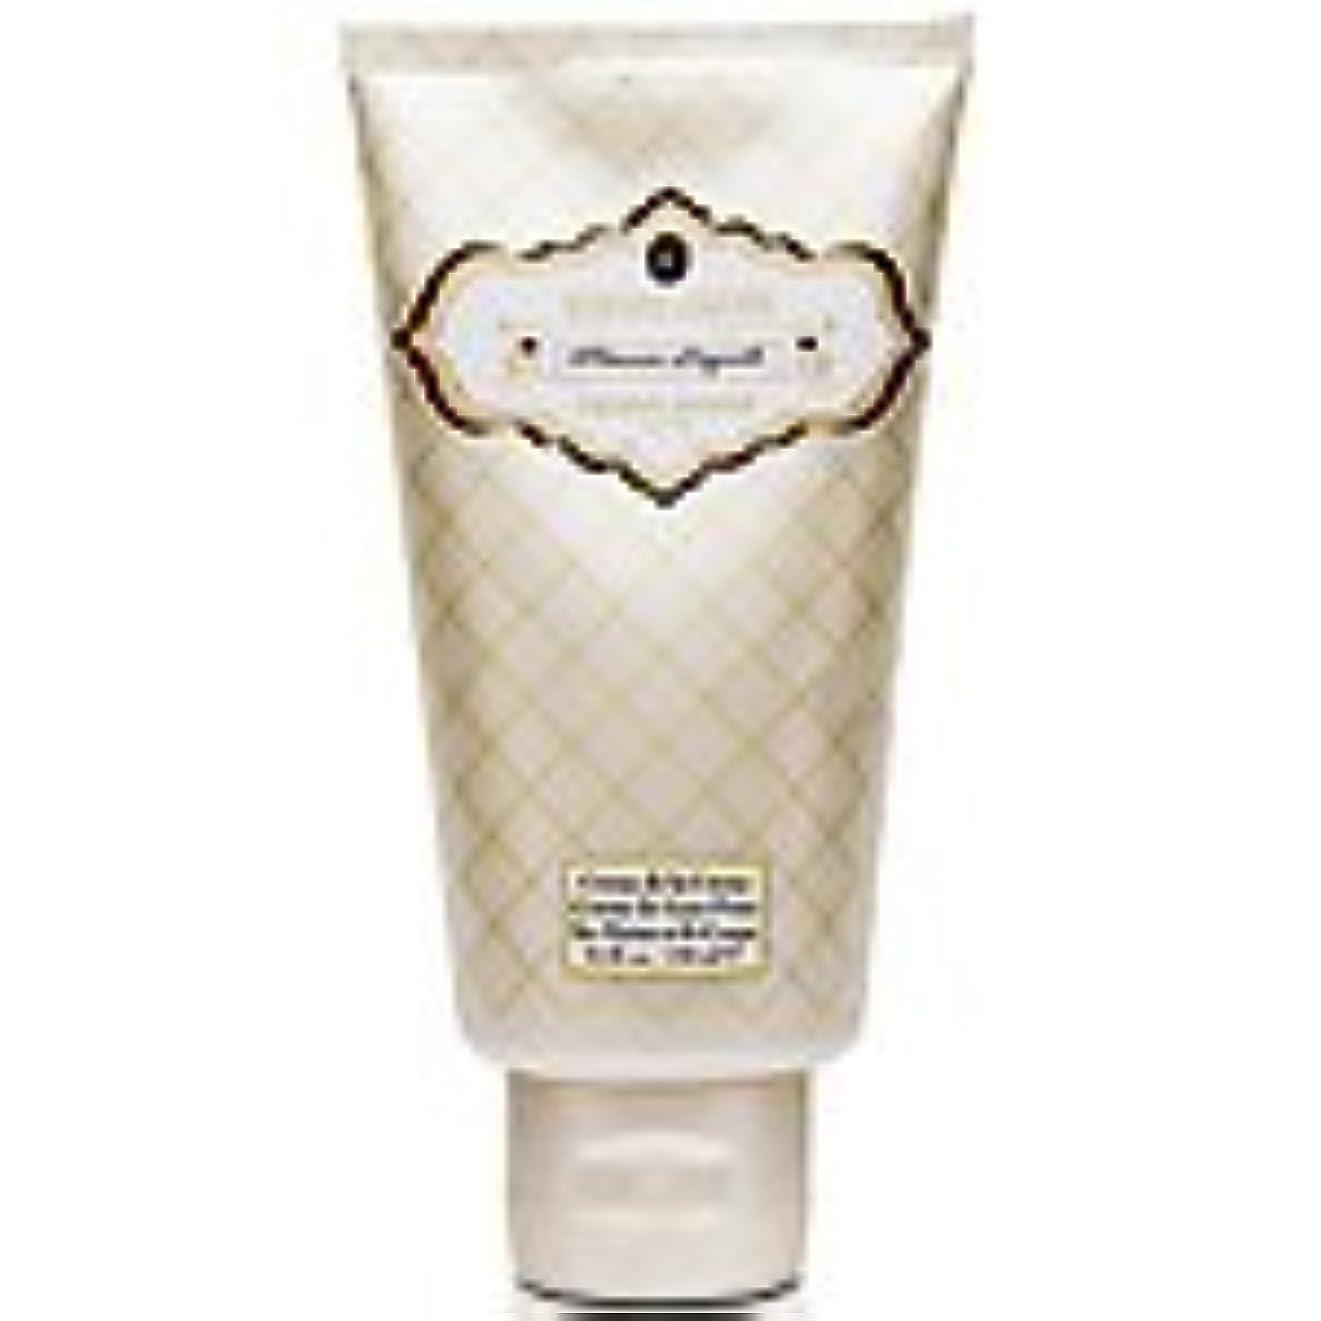 ファランクス蒸し器顎Memoire Liquide Reserve - Encens Liquide (メモワールリキッドリザーブ - エンセンスリキッド) 5.1 oz (153ml) Body Cream for Unisex